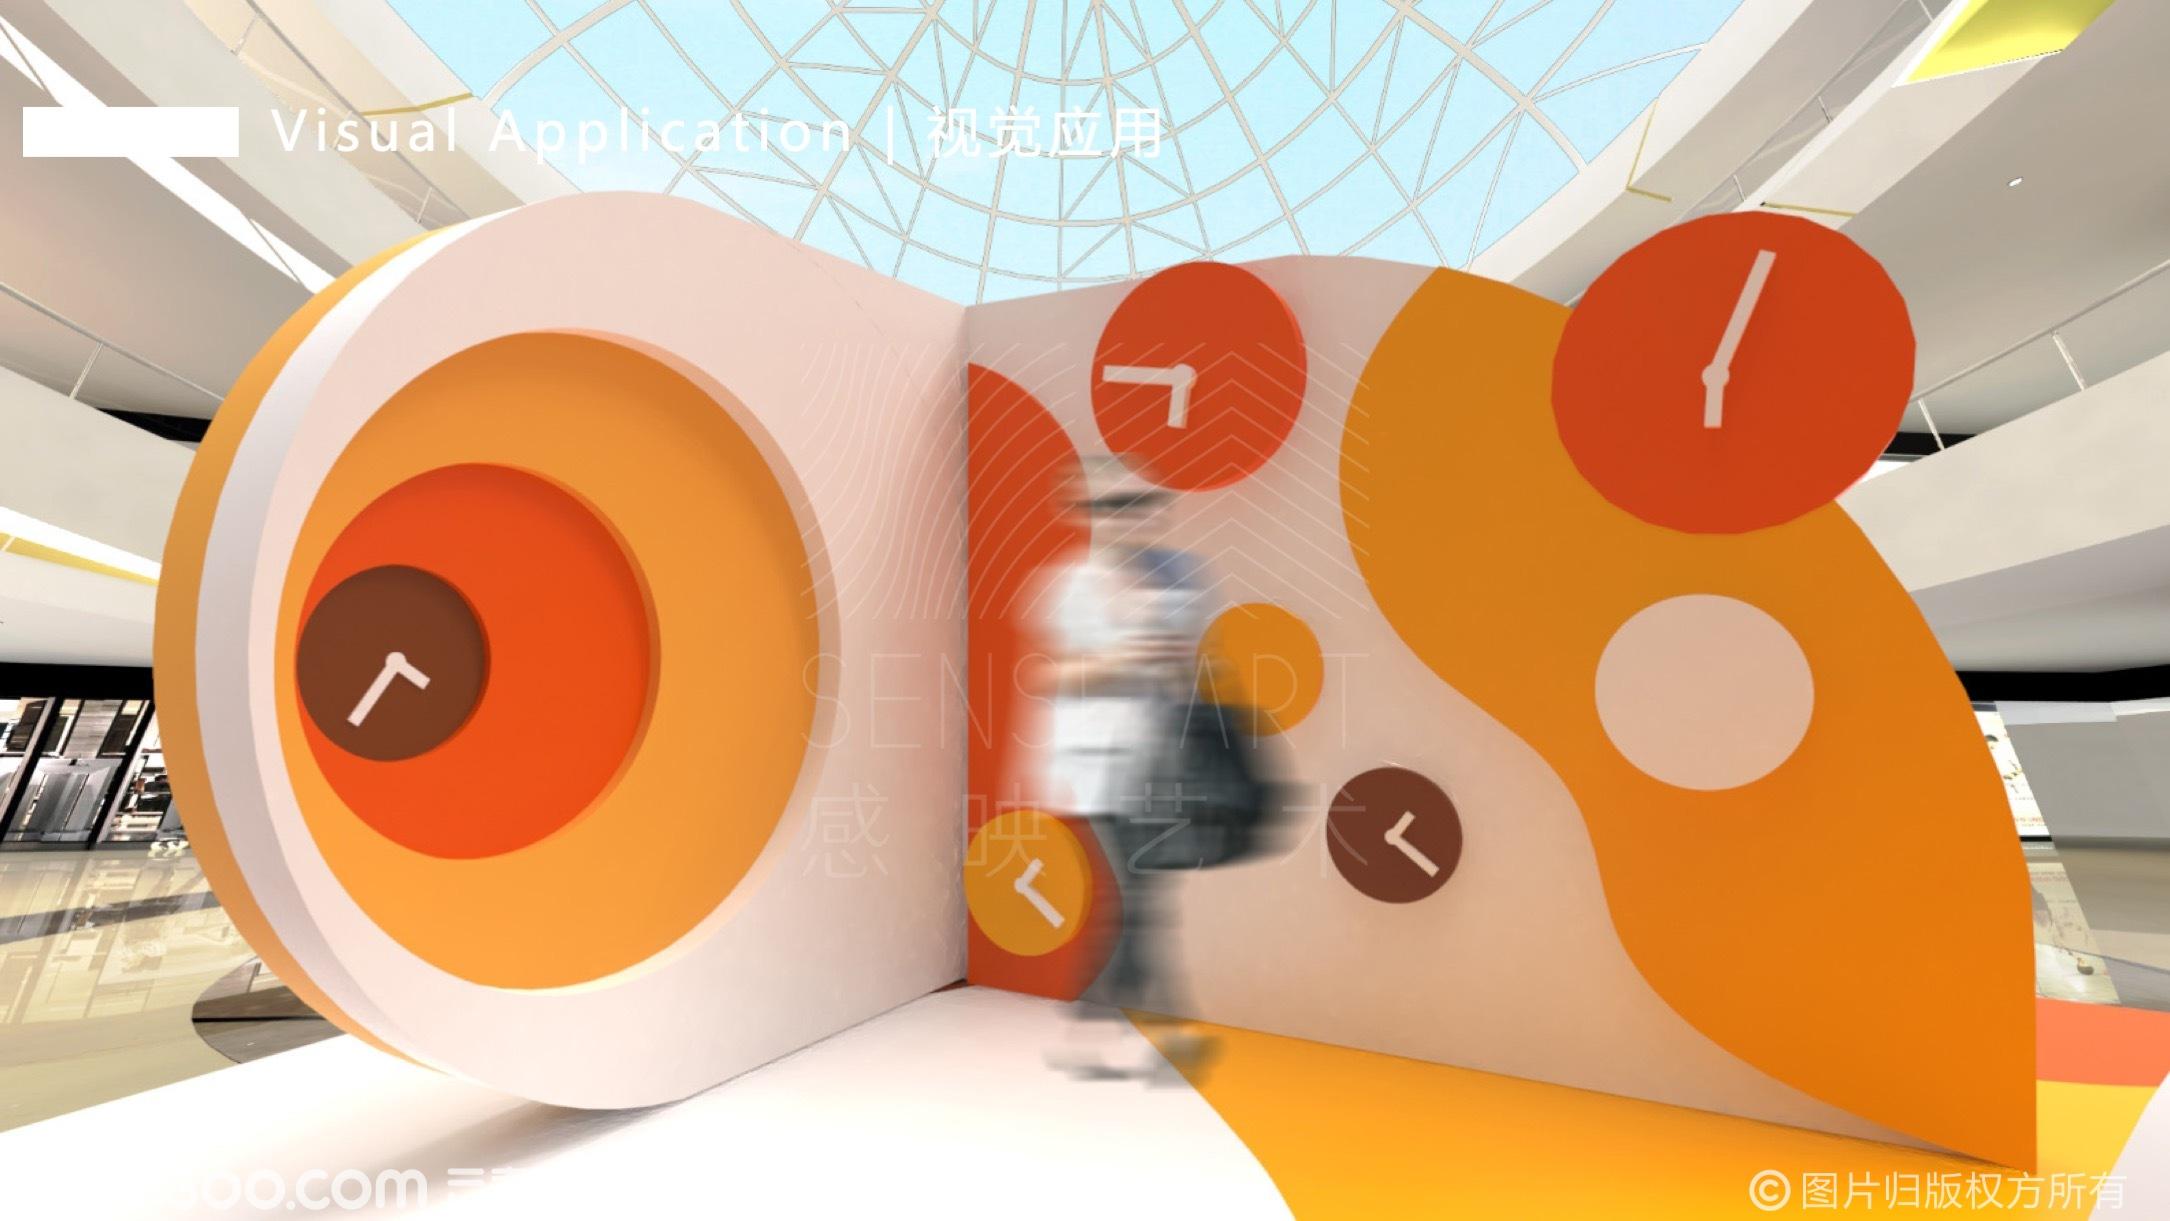 【达利超现实艺术博物馆】艺术IP空间互动体验展-感映艺术出品